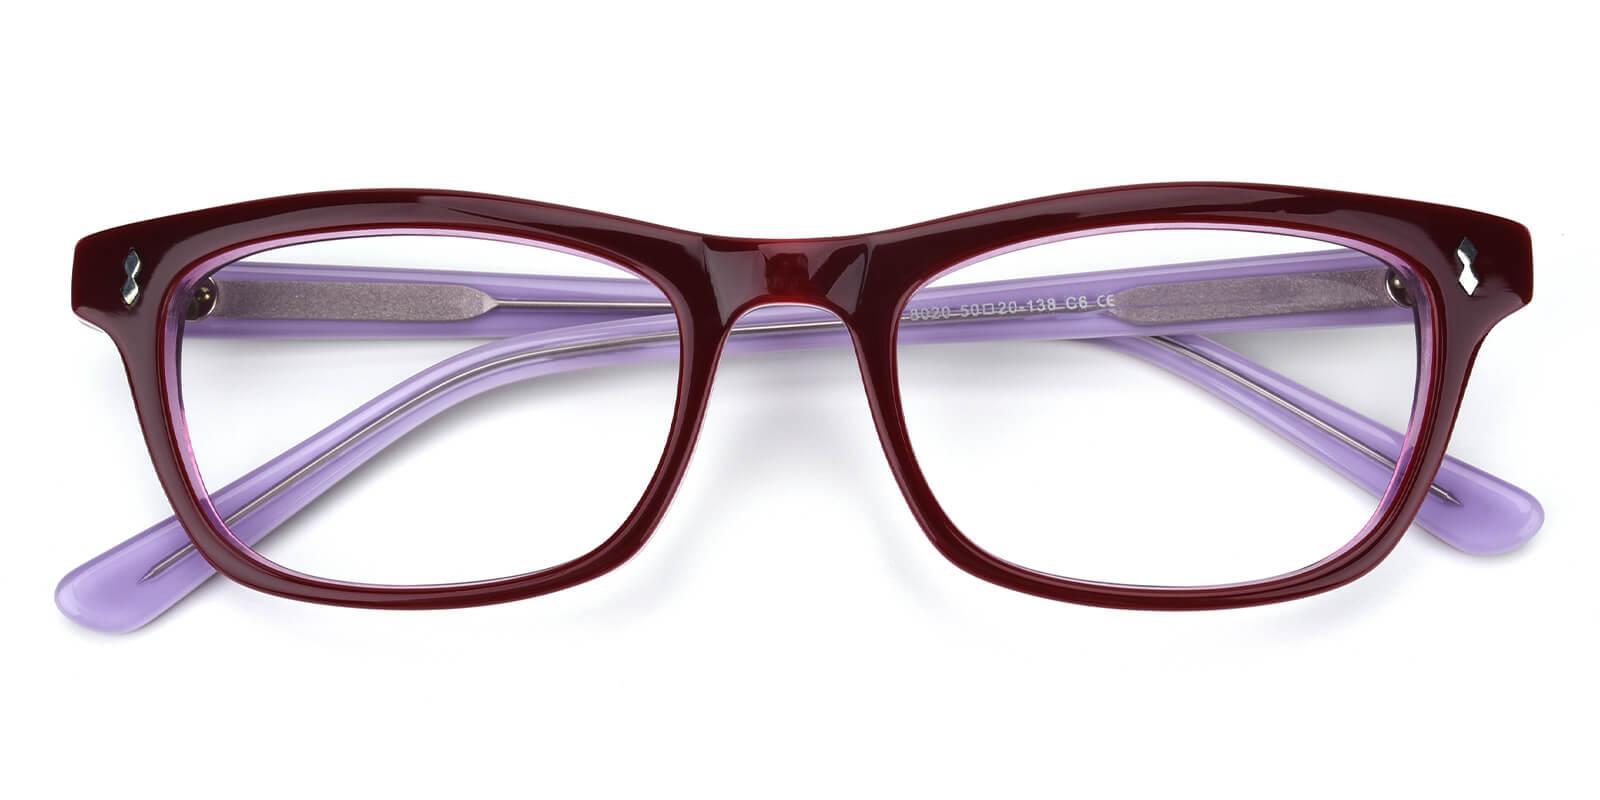 Leavary-Purple-Rectangle-Acetate-Eyeglasses-detail